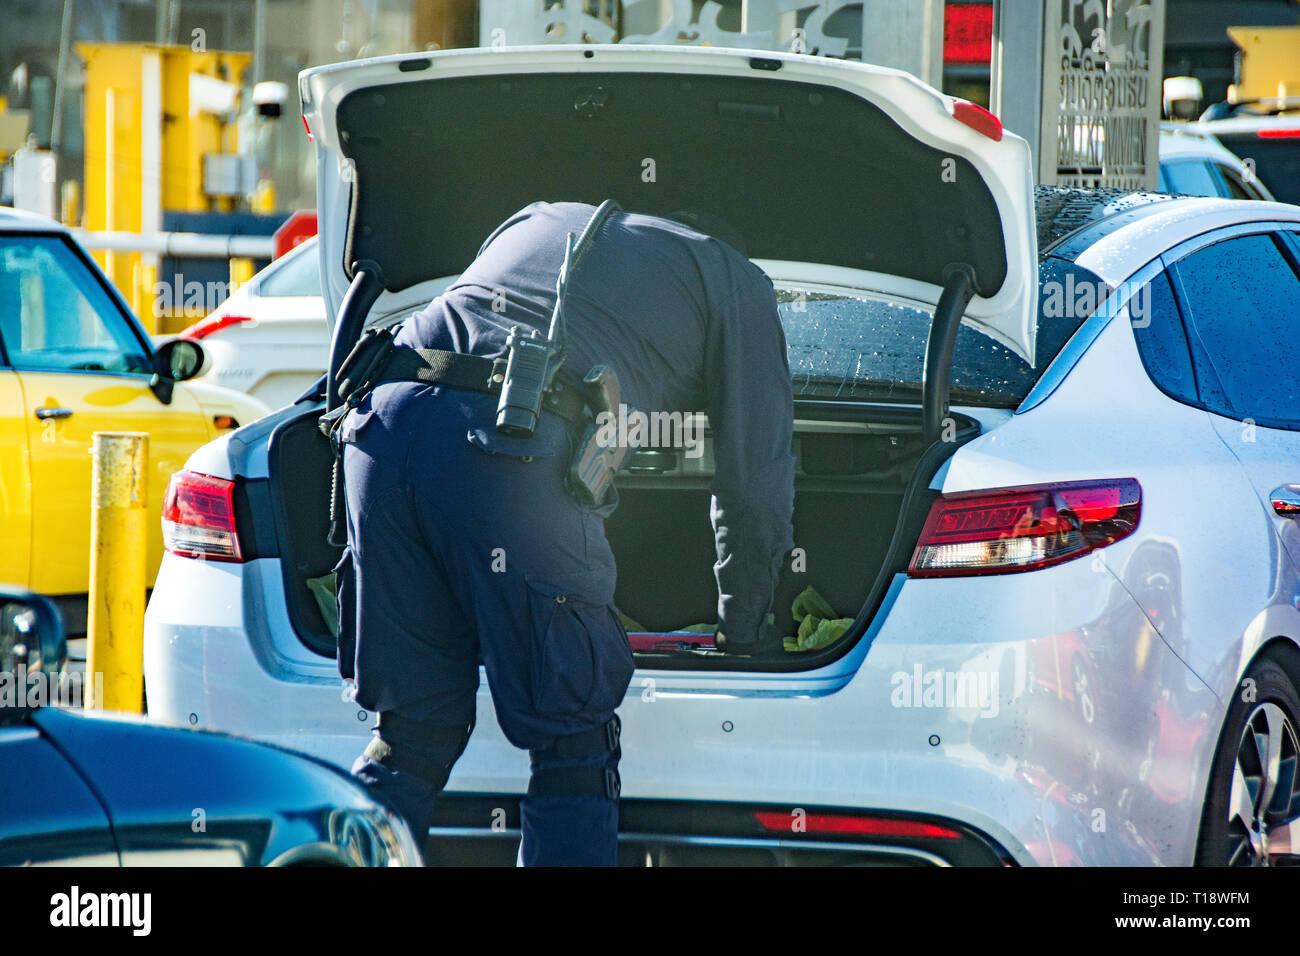 Una pattuglia di confine officer controllando il tronco di un automobile, attraversando il San Ysidro confine dal Messico agli Stati Uniti. Immagini Stock